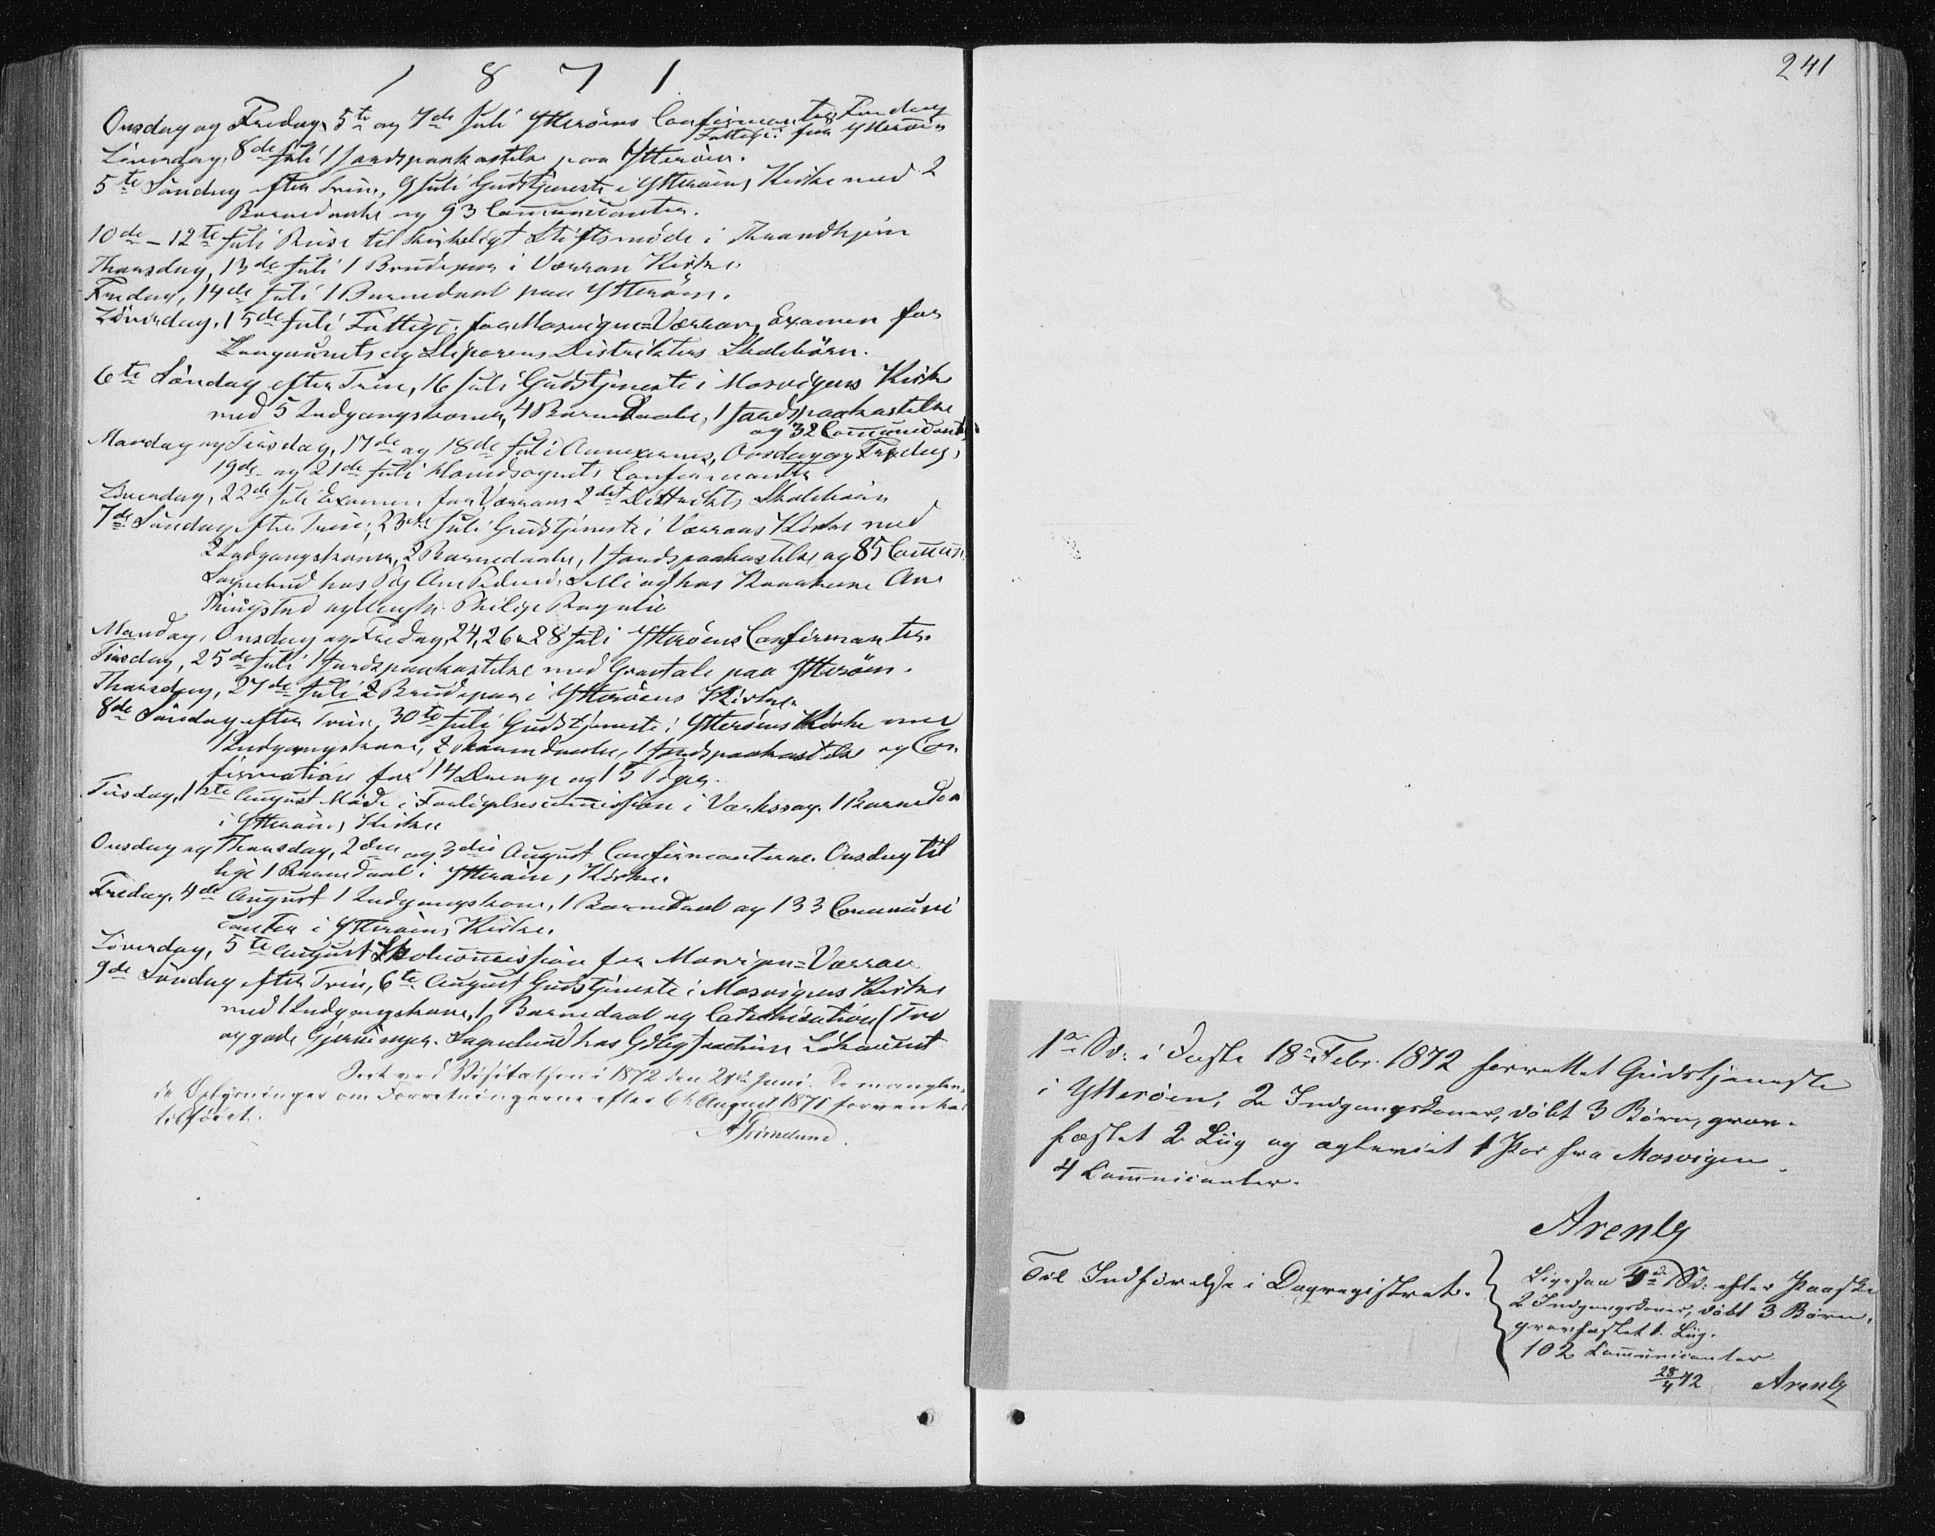 SAT, Ministerialprotokoller, klokkerbøker og fødselsregistre - Nord-Trøndelag, 722/L0219: Ministerialbok nr. 722A06, 1868-1880, s. 241